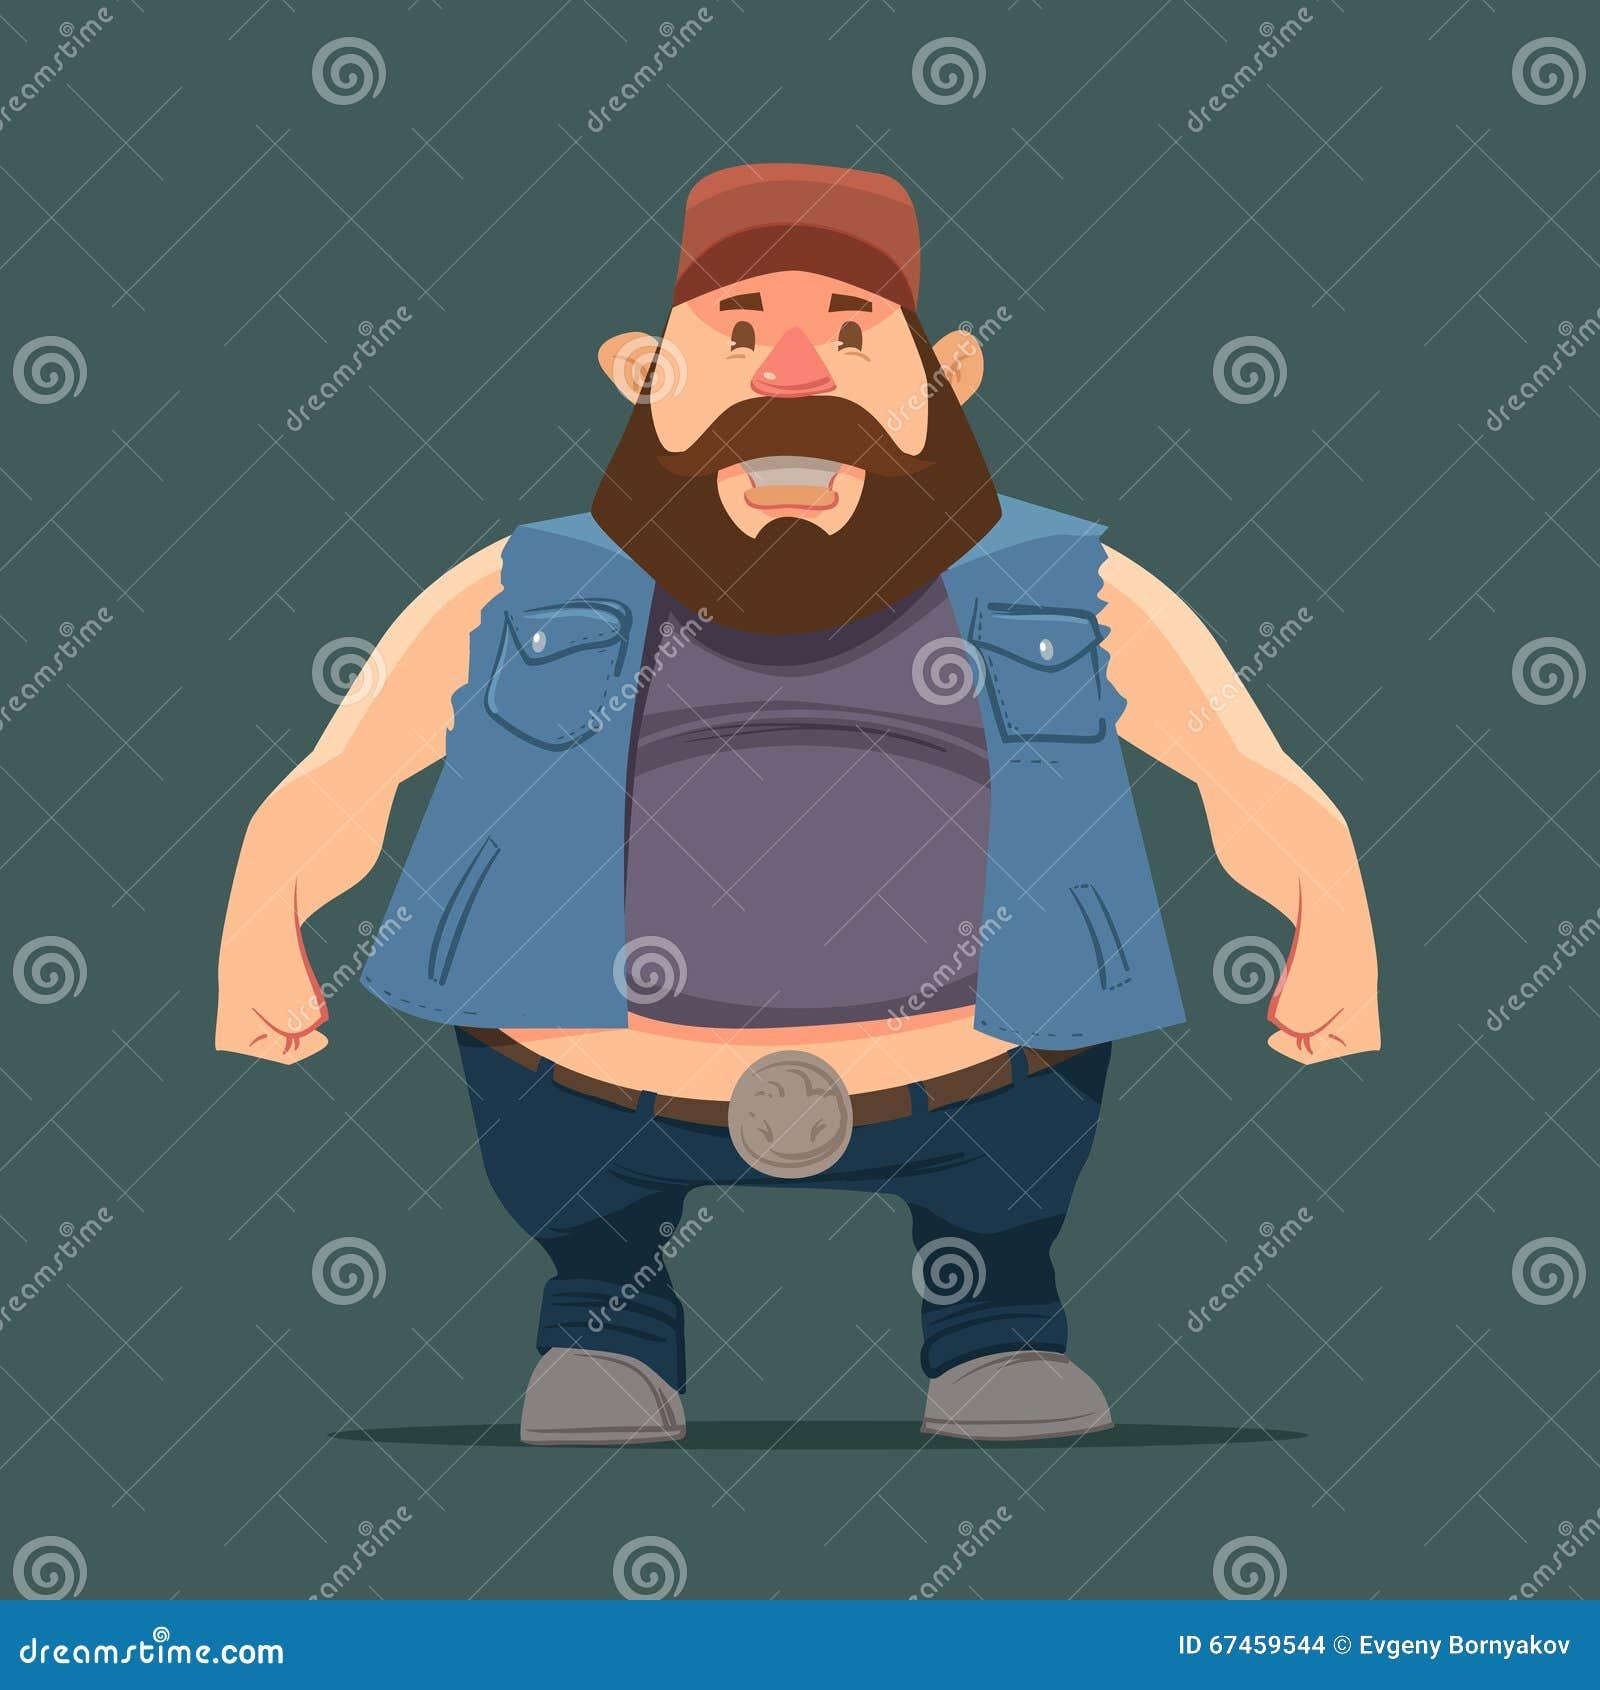 滑稽的漫画人物,与胡子的卡车司机在卡车司机盖帽,传染媒介彩色插图.图片